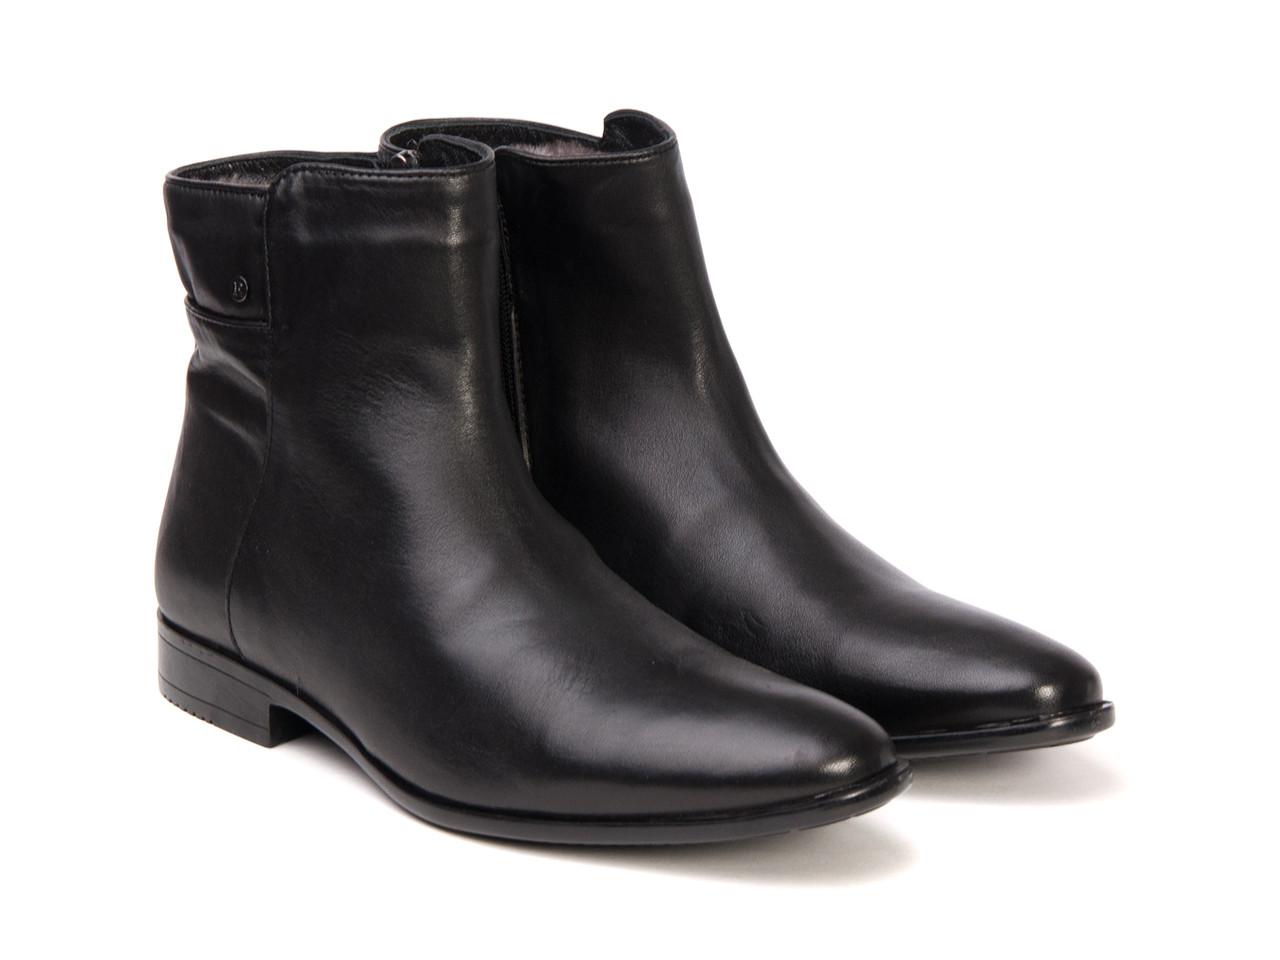 Ботинки Etor 11007-3615 39 черные